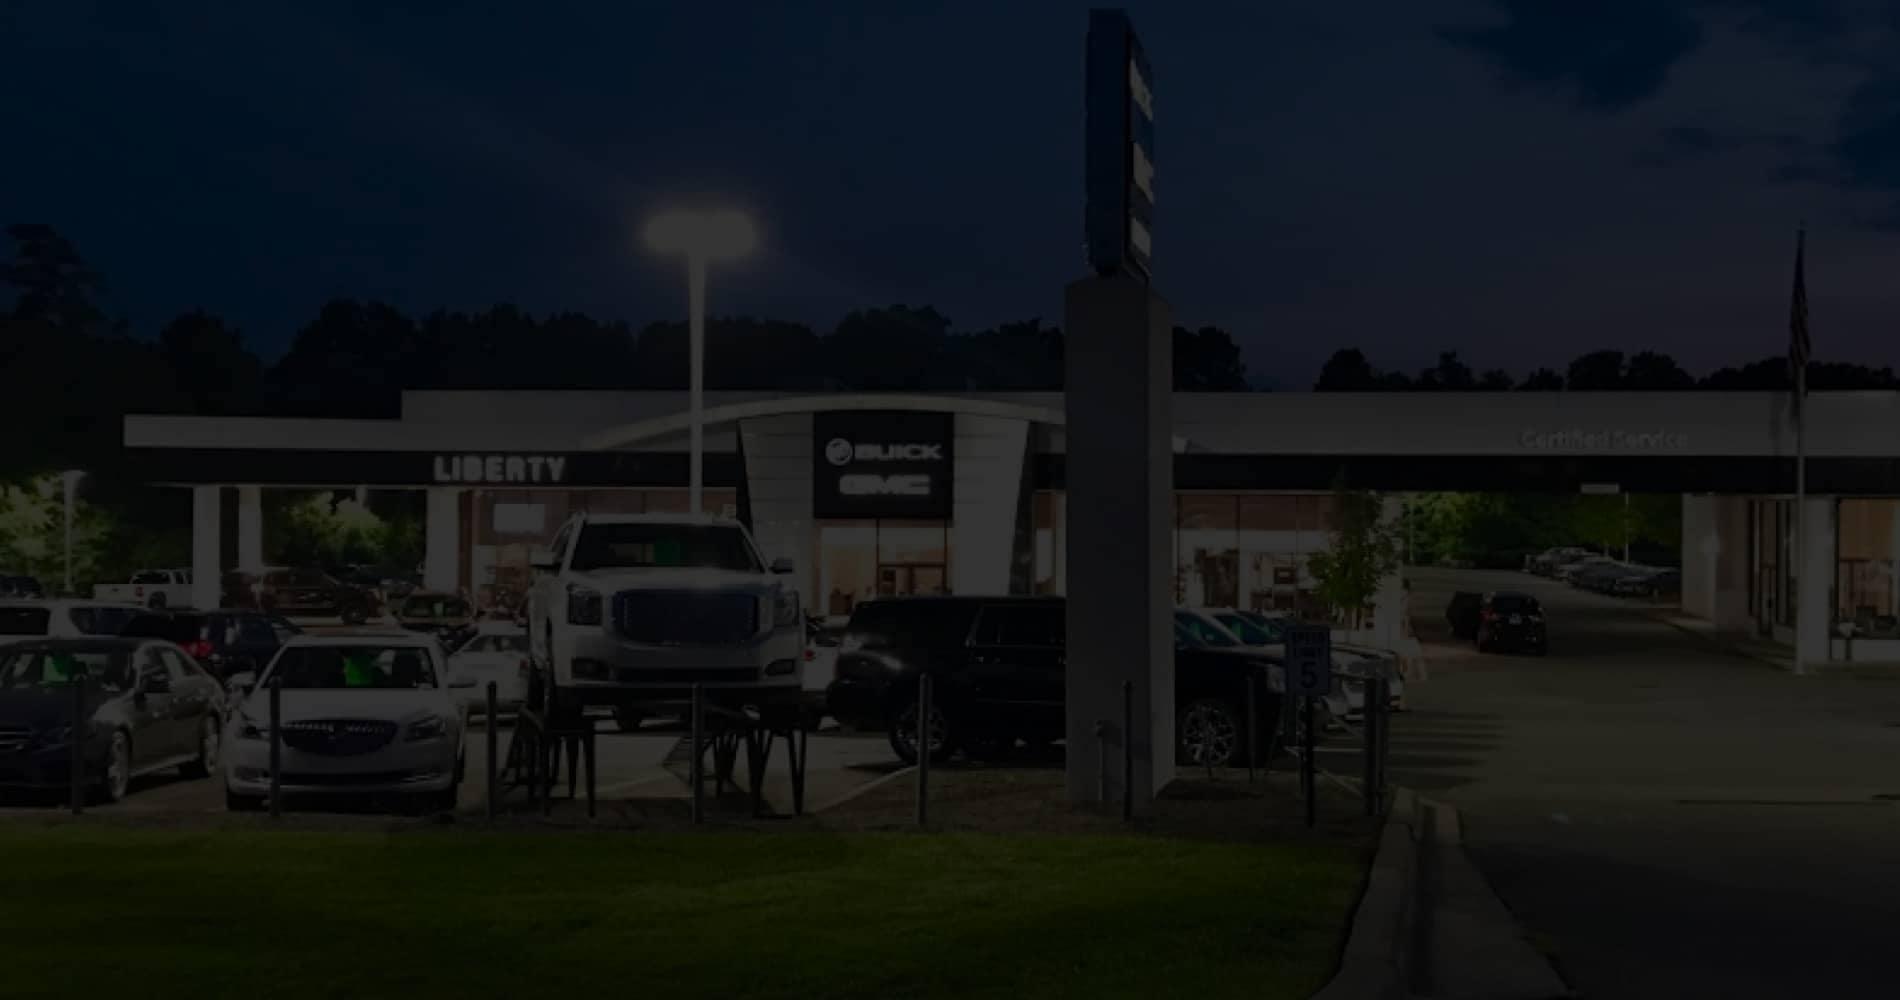 Liberty Buick GMC Dealership Exterior